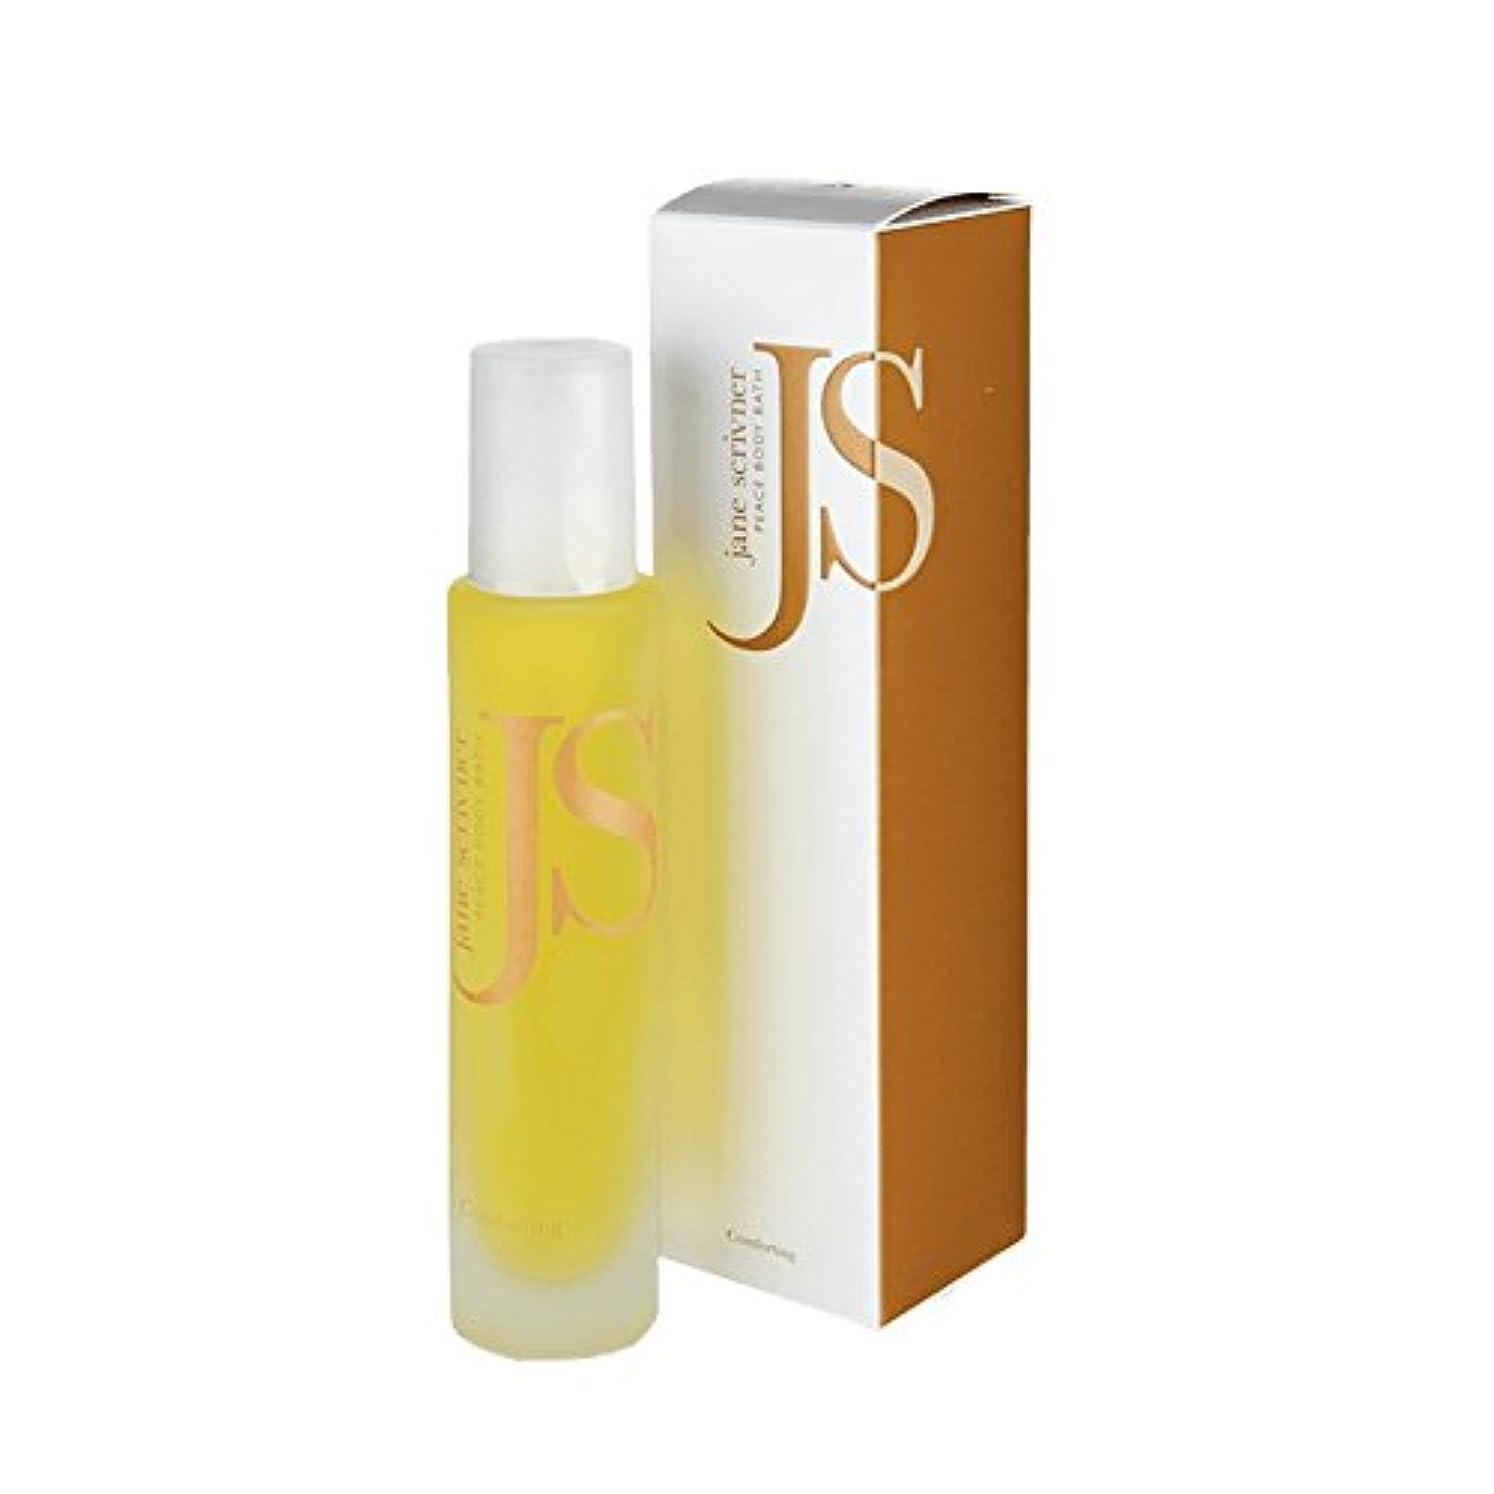 うぬぼれたトロイの木馬くまJane Scrivner Body Bath Oil Peace 100ml (Pack of 6) - ジェーンScrivnerボディバスオイル平和100ミリリットル (x6) [並行輸入品]